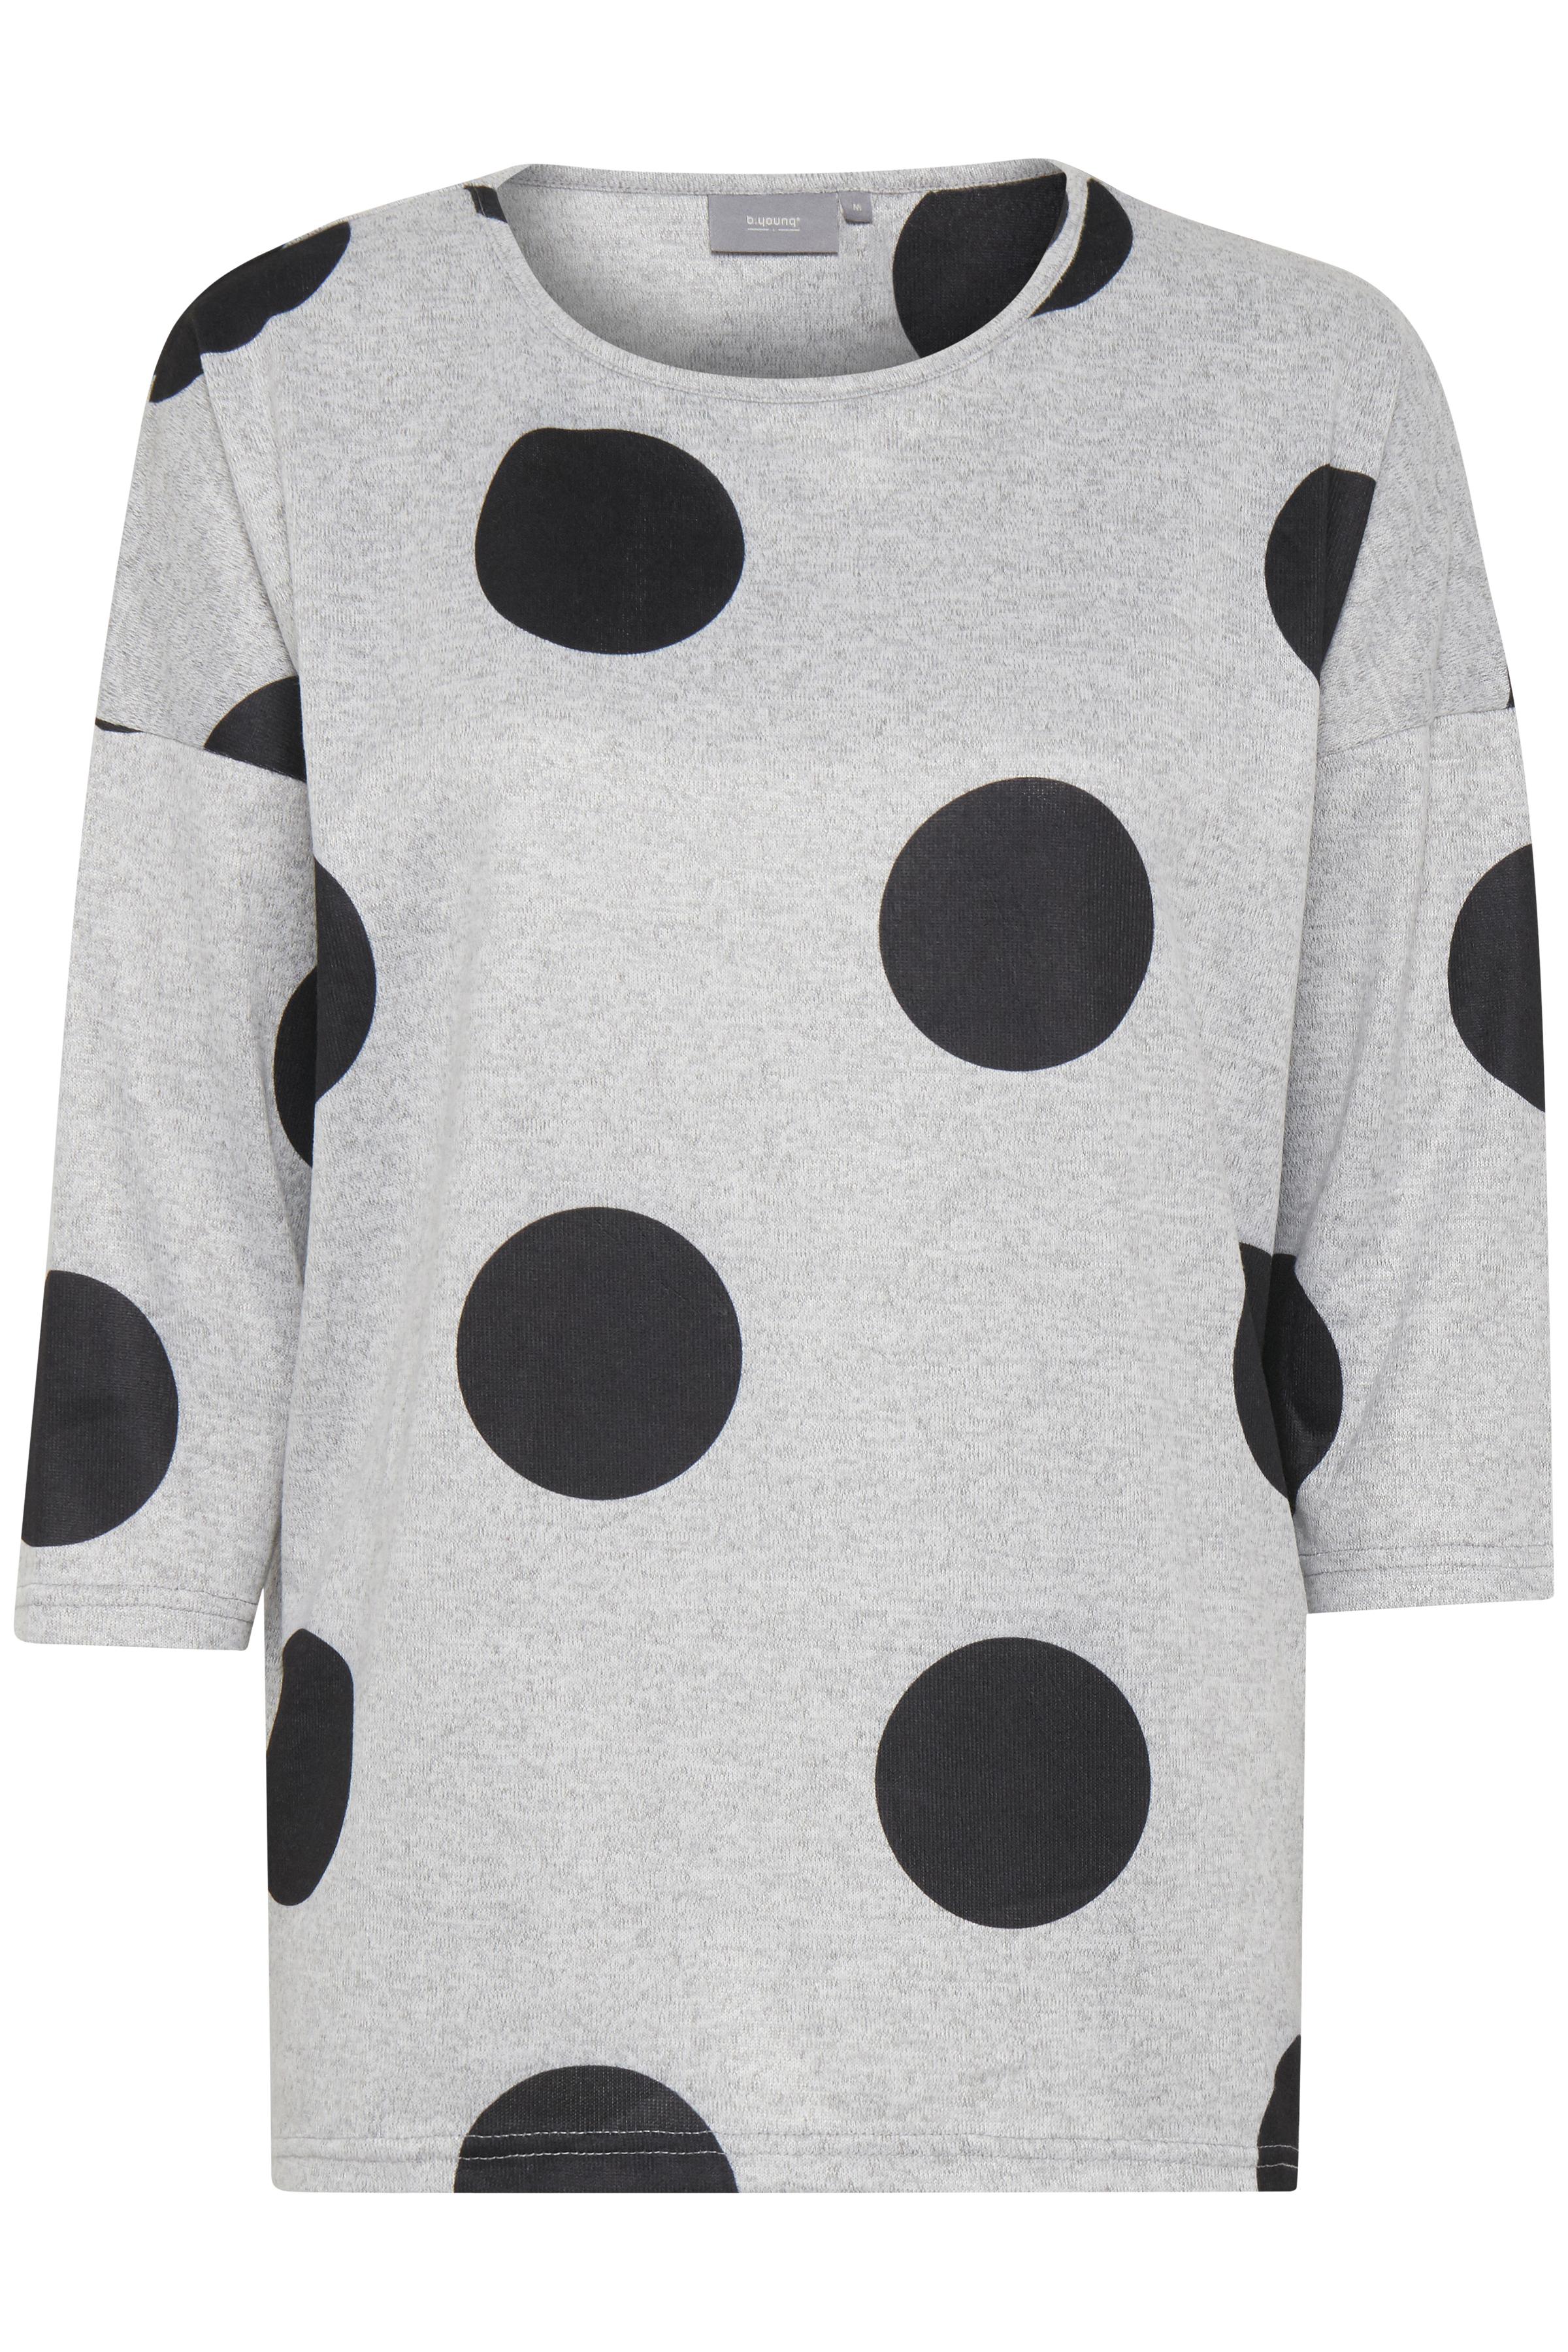 Sort Kortærmet T-shirt fra b.young – Køb Sort Kortærmet T-shirt fra str. XS-XXL her